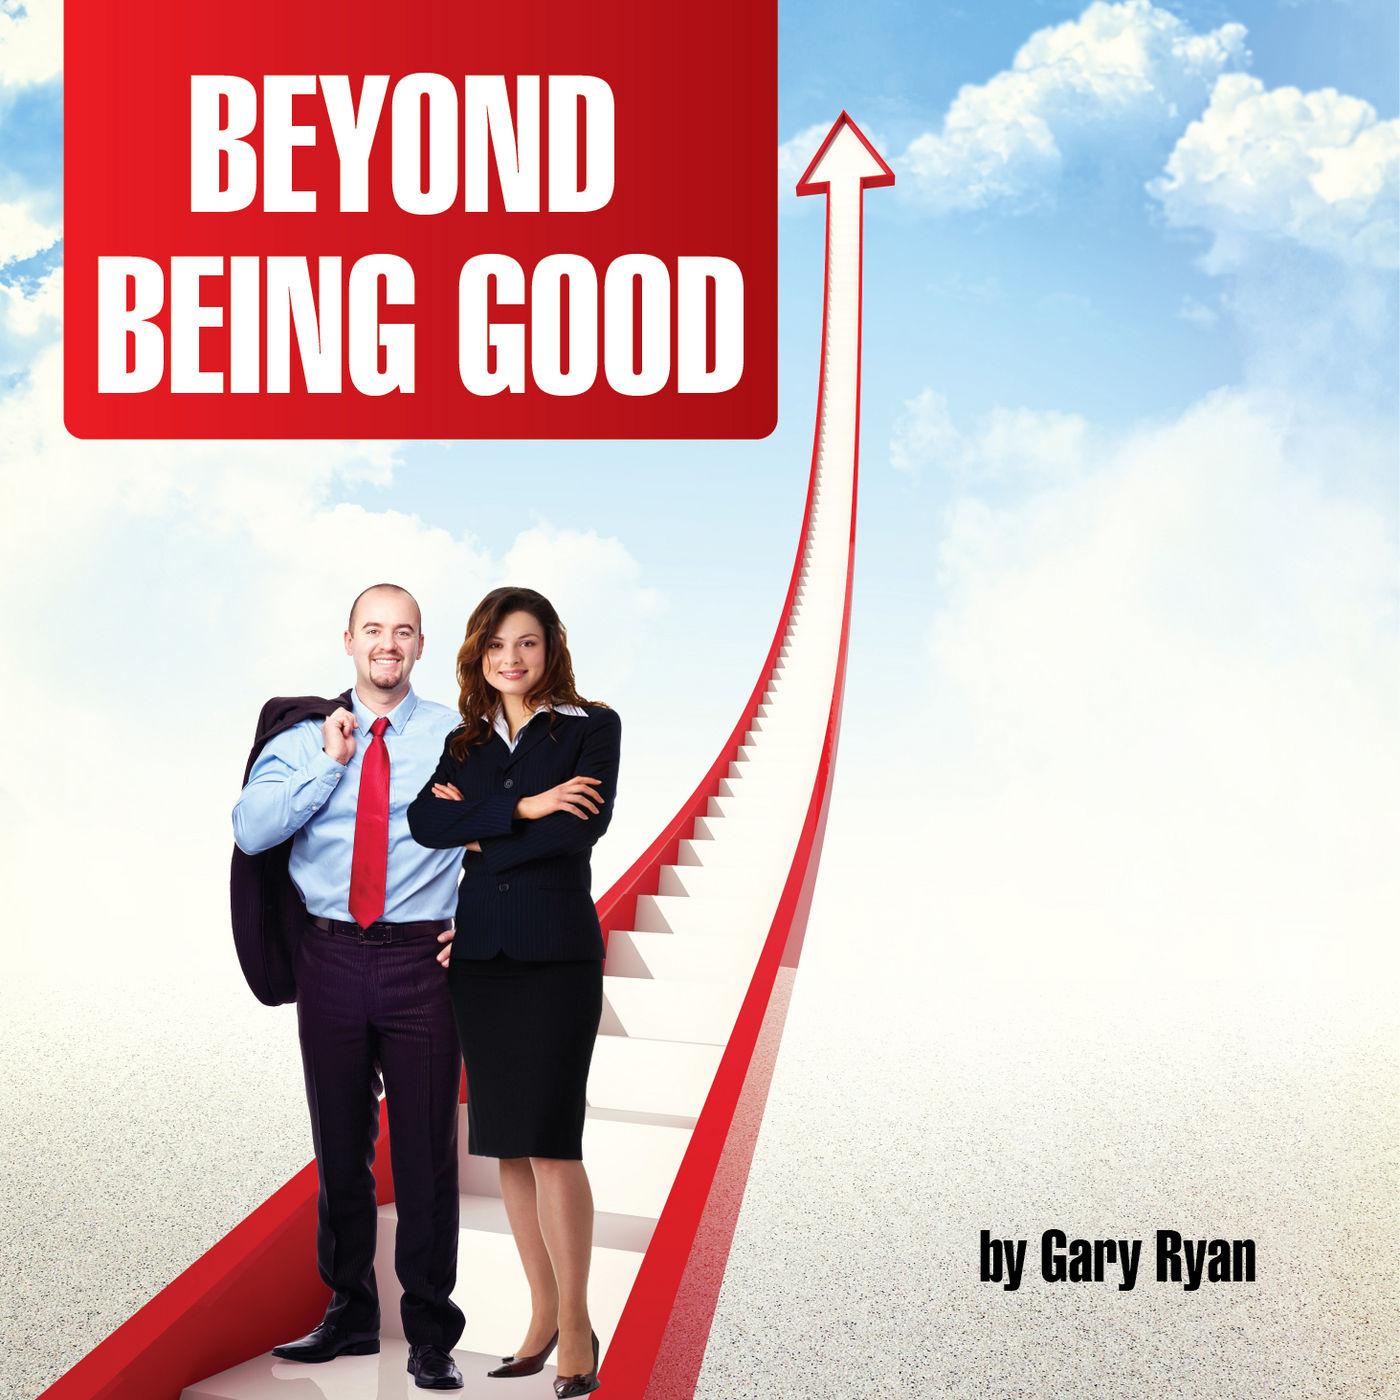 Gary Ryan Moving Beyond Being Good®